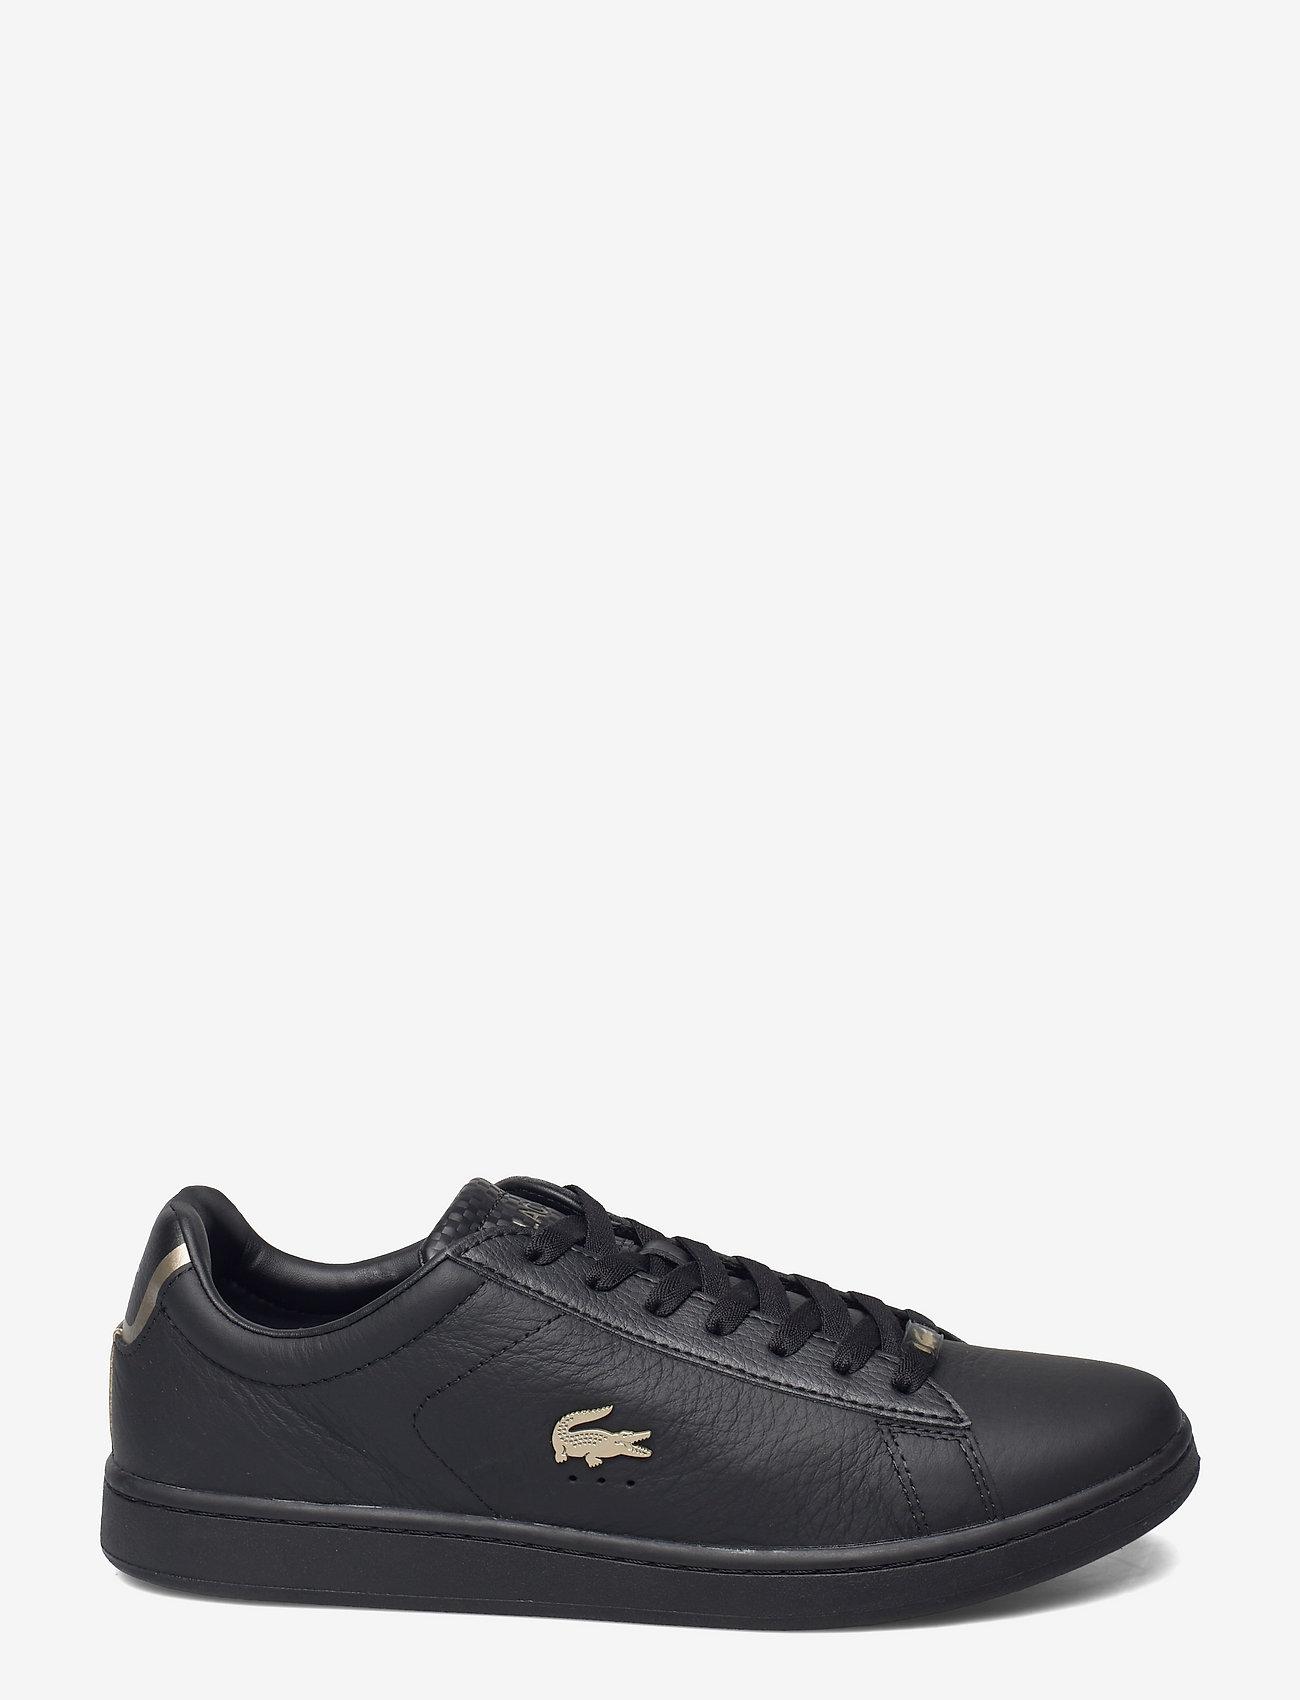 Lacoste Shoes - DESTON PUT - low tops - blk/blk lthr - 1